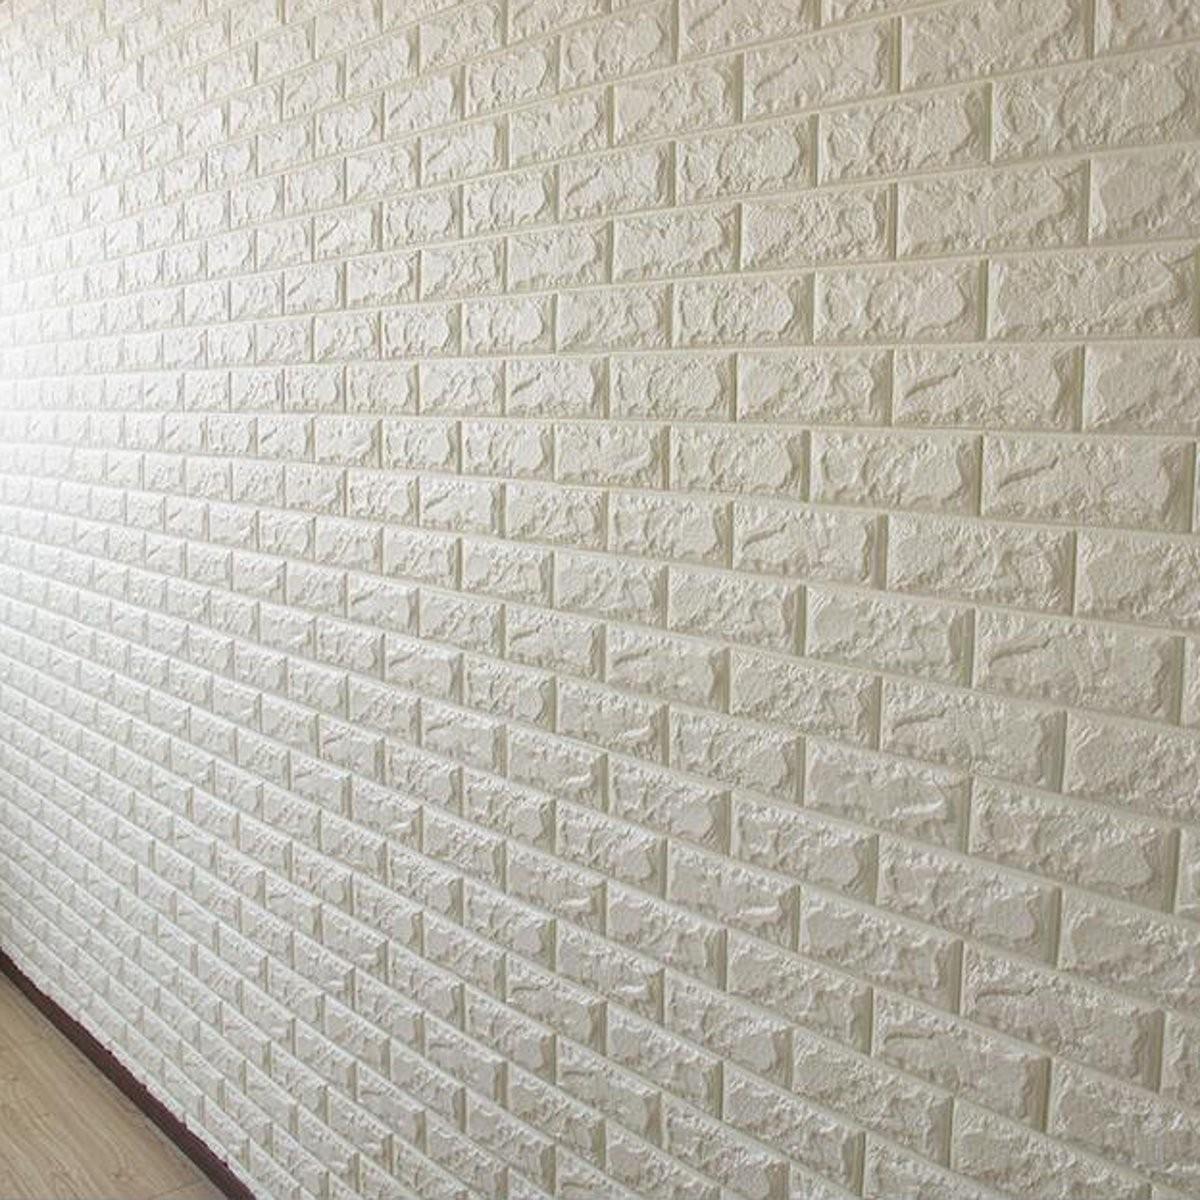 luxe 3d effet pierre mur brique textur vinyle papier peint autocollant 60x30cm achat vente. Black Bedroom Furniture Sets. Home Design Ideas